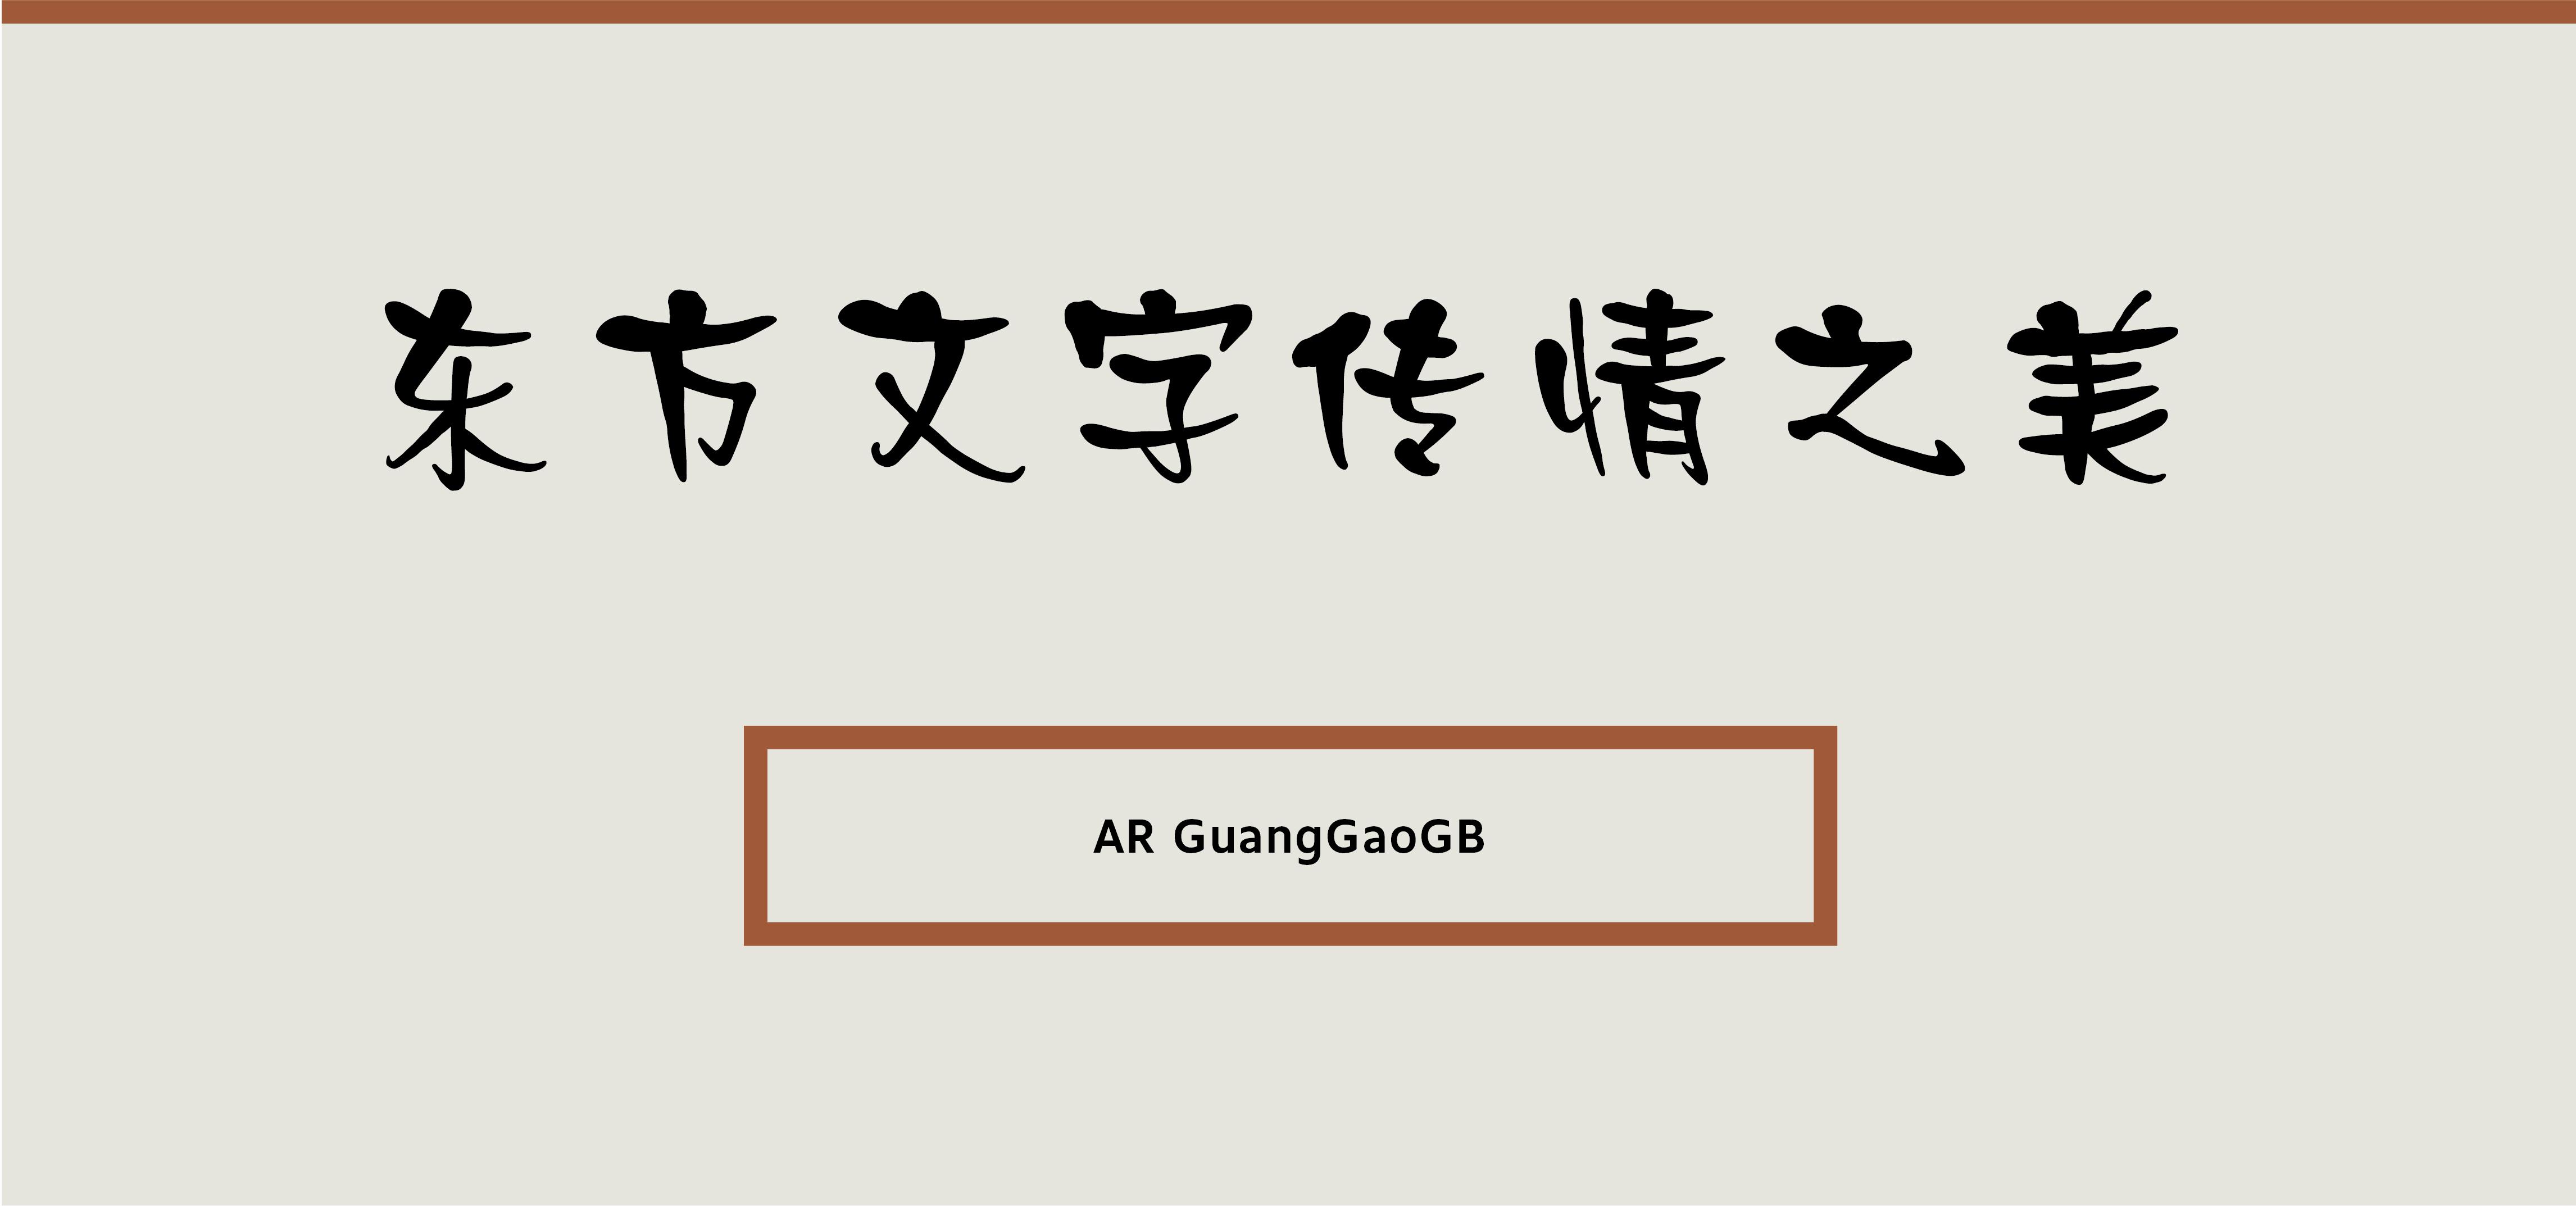 AR GuangGaoGB